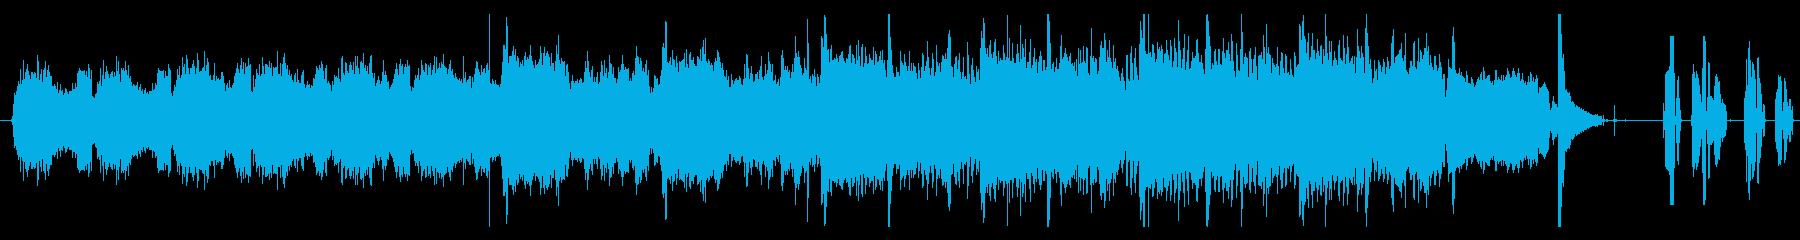 あらすじの再生済みの波形